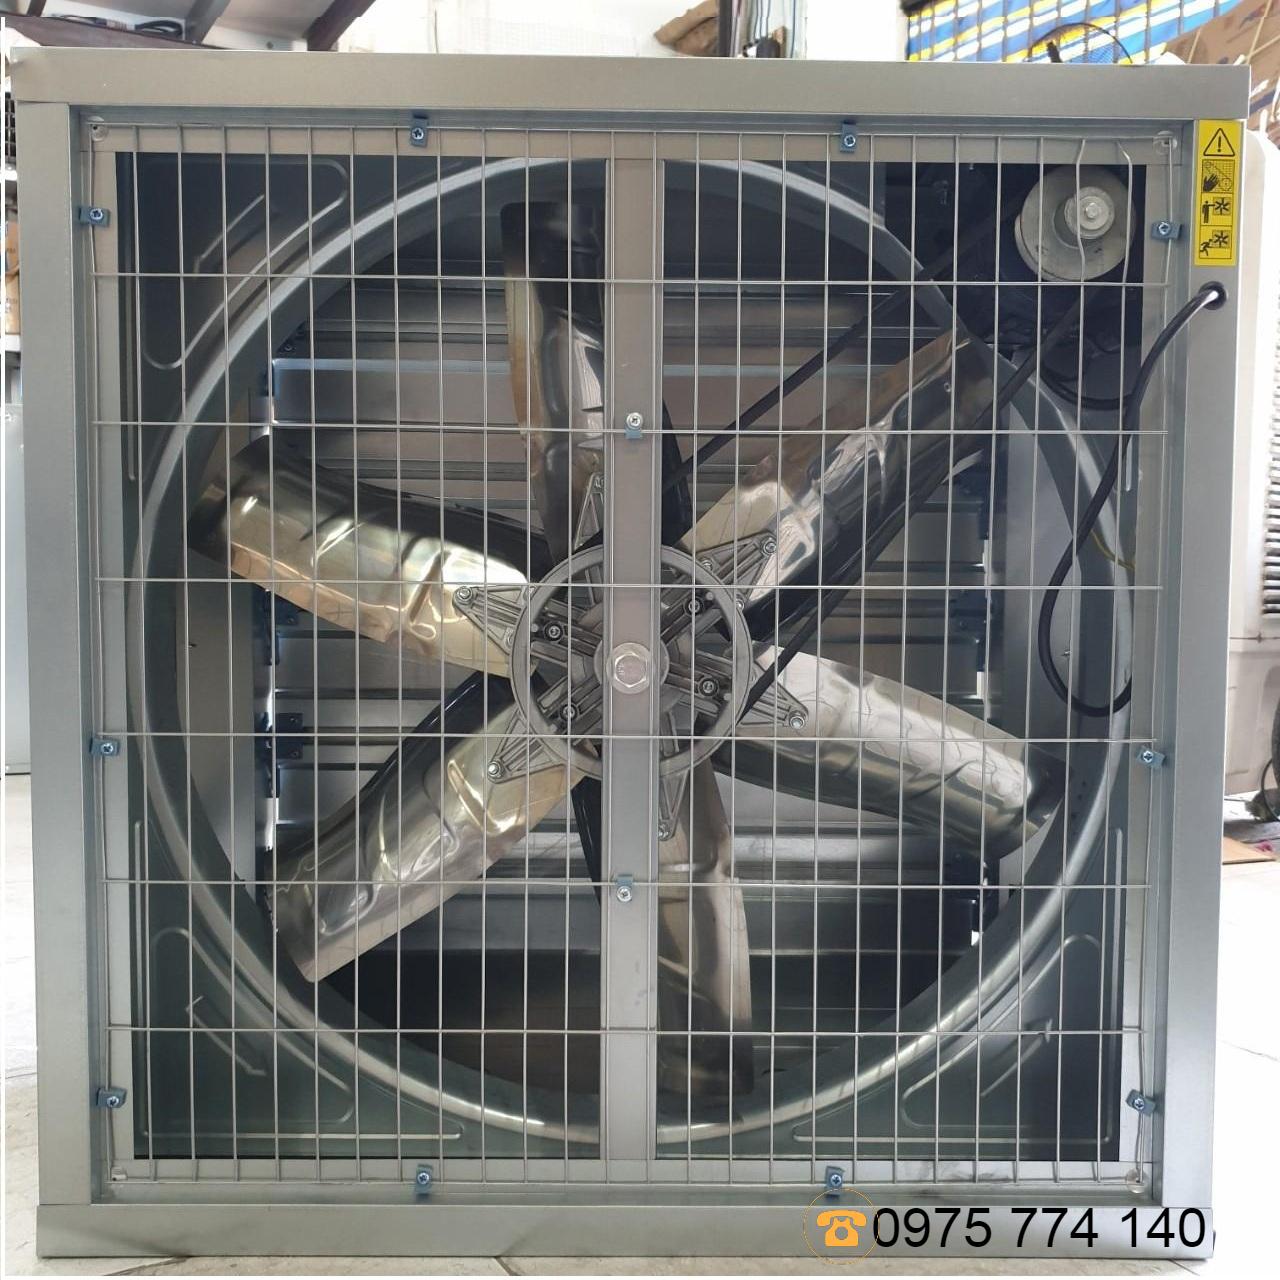 Hình ảnh mô tả sản phẩm quạt thông gió nhà xưởng 1500x1500